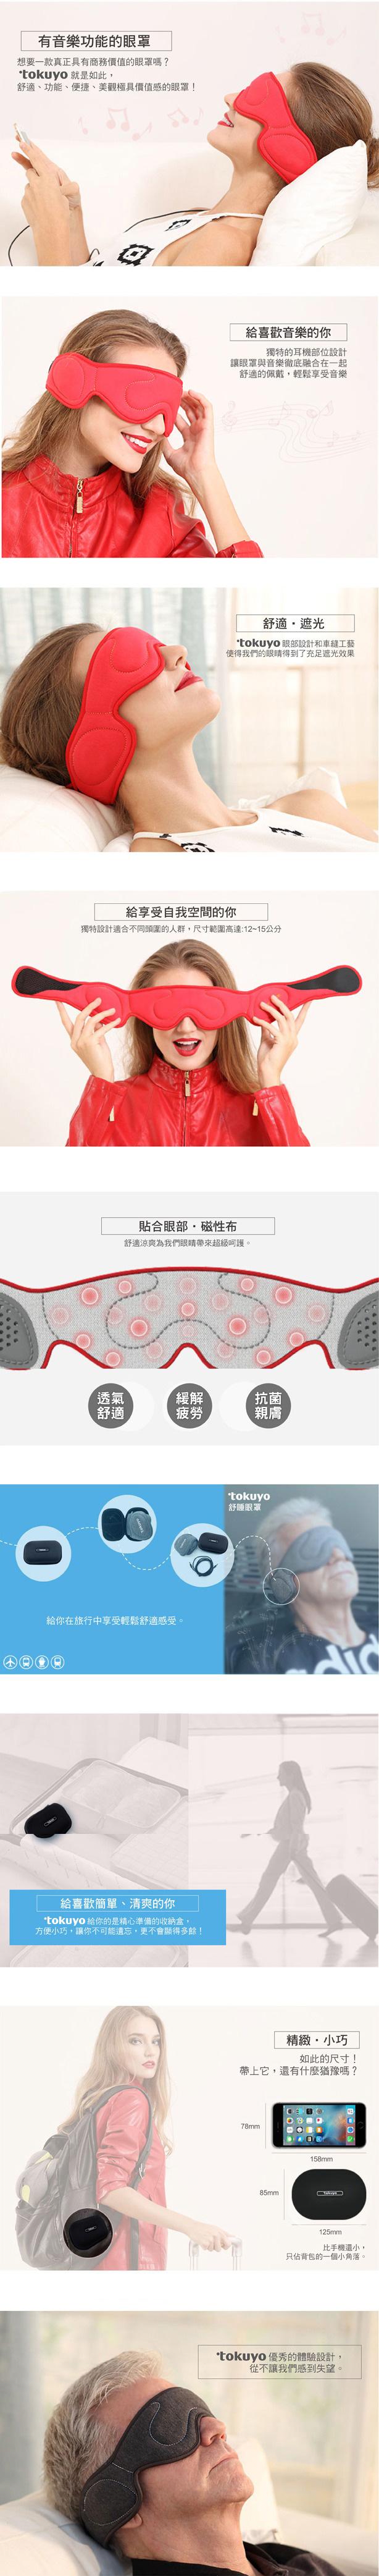 【11/14~11/20冬季限時特價】tokuyo 舒眠眼罩 紅色 TG-005R